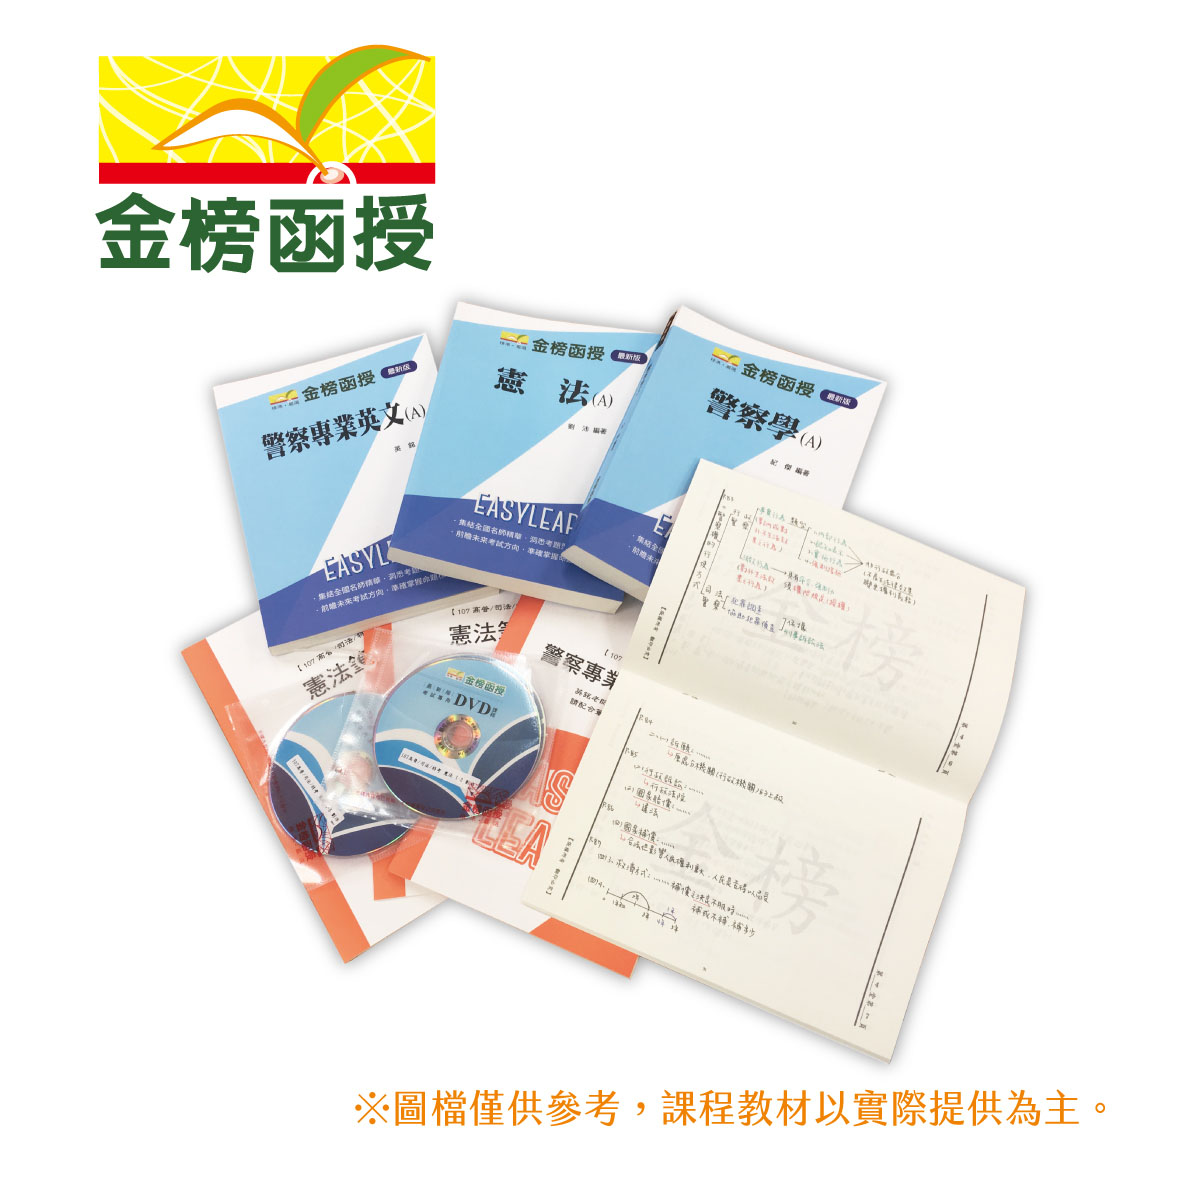 107金榜函授/地方特考/四等/全套/交通行政/书面/专业科目